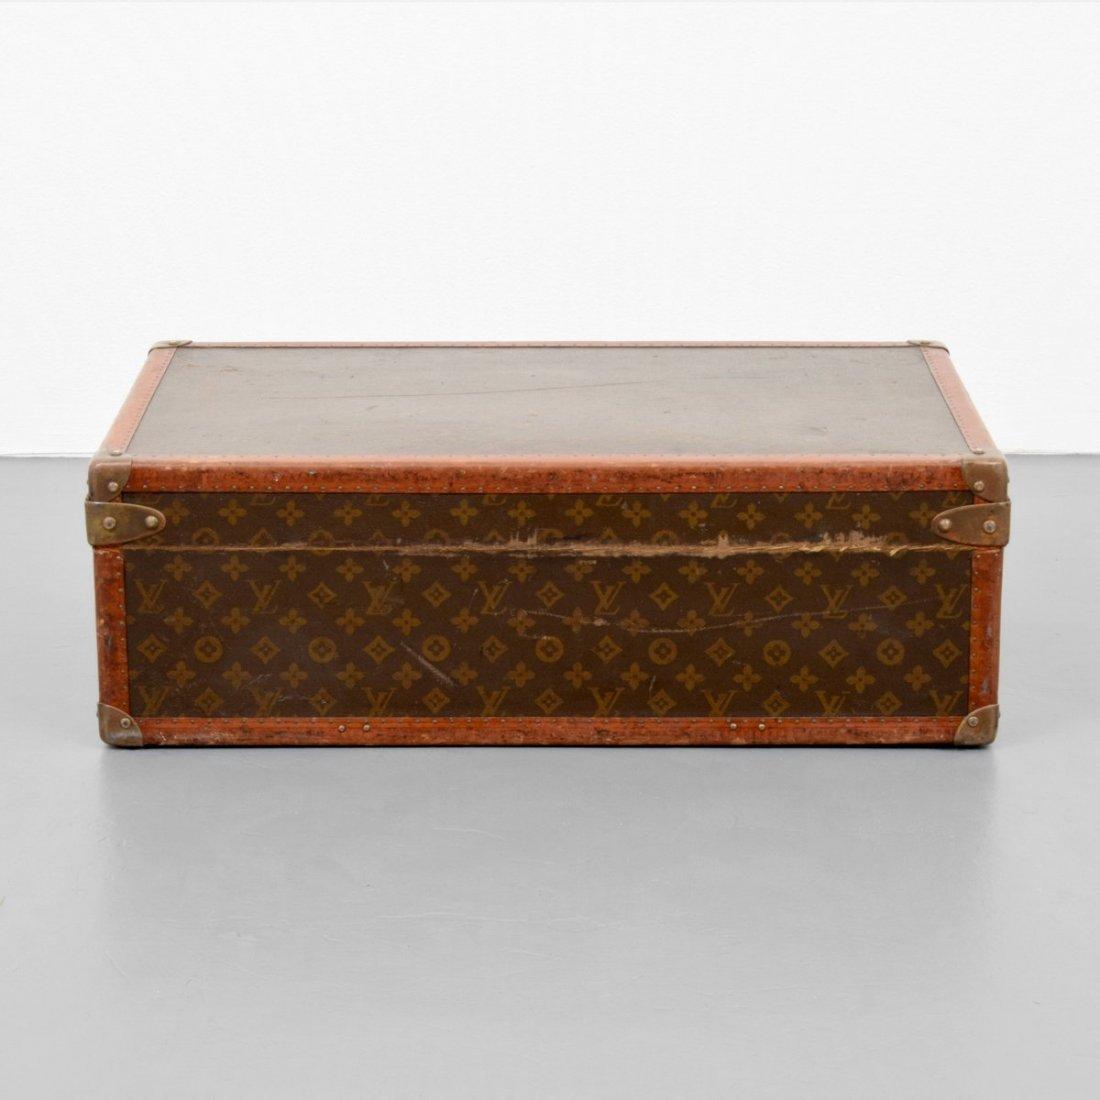 Louis Vuitton Monogrammed Suitcase - 11